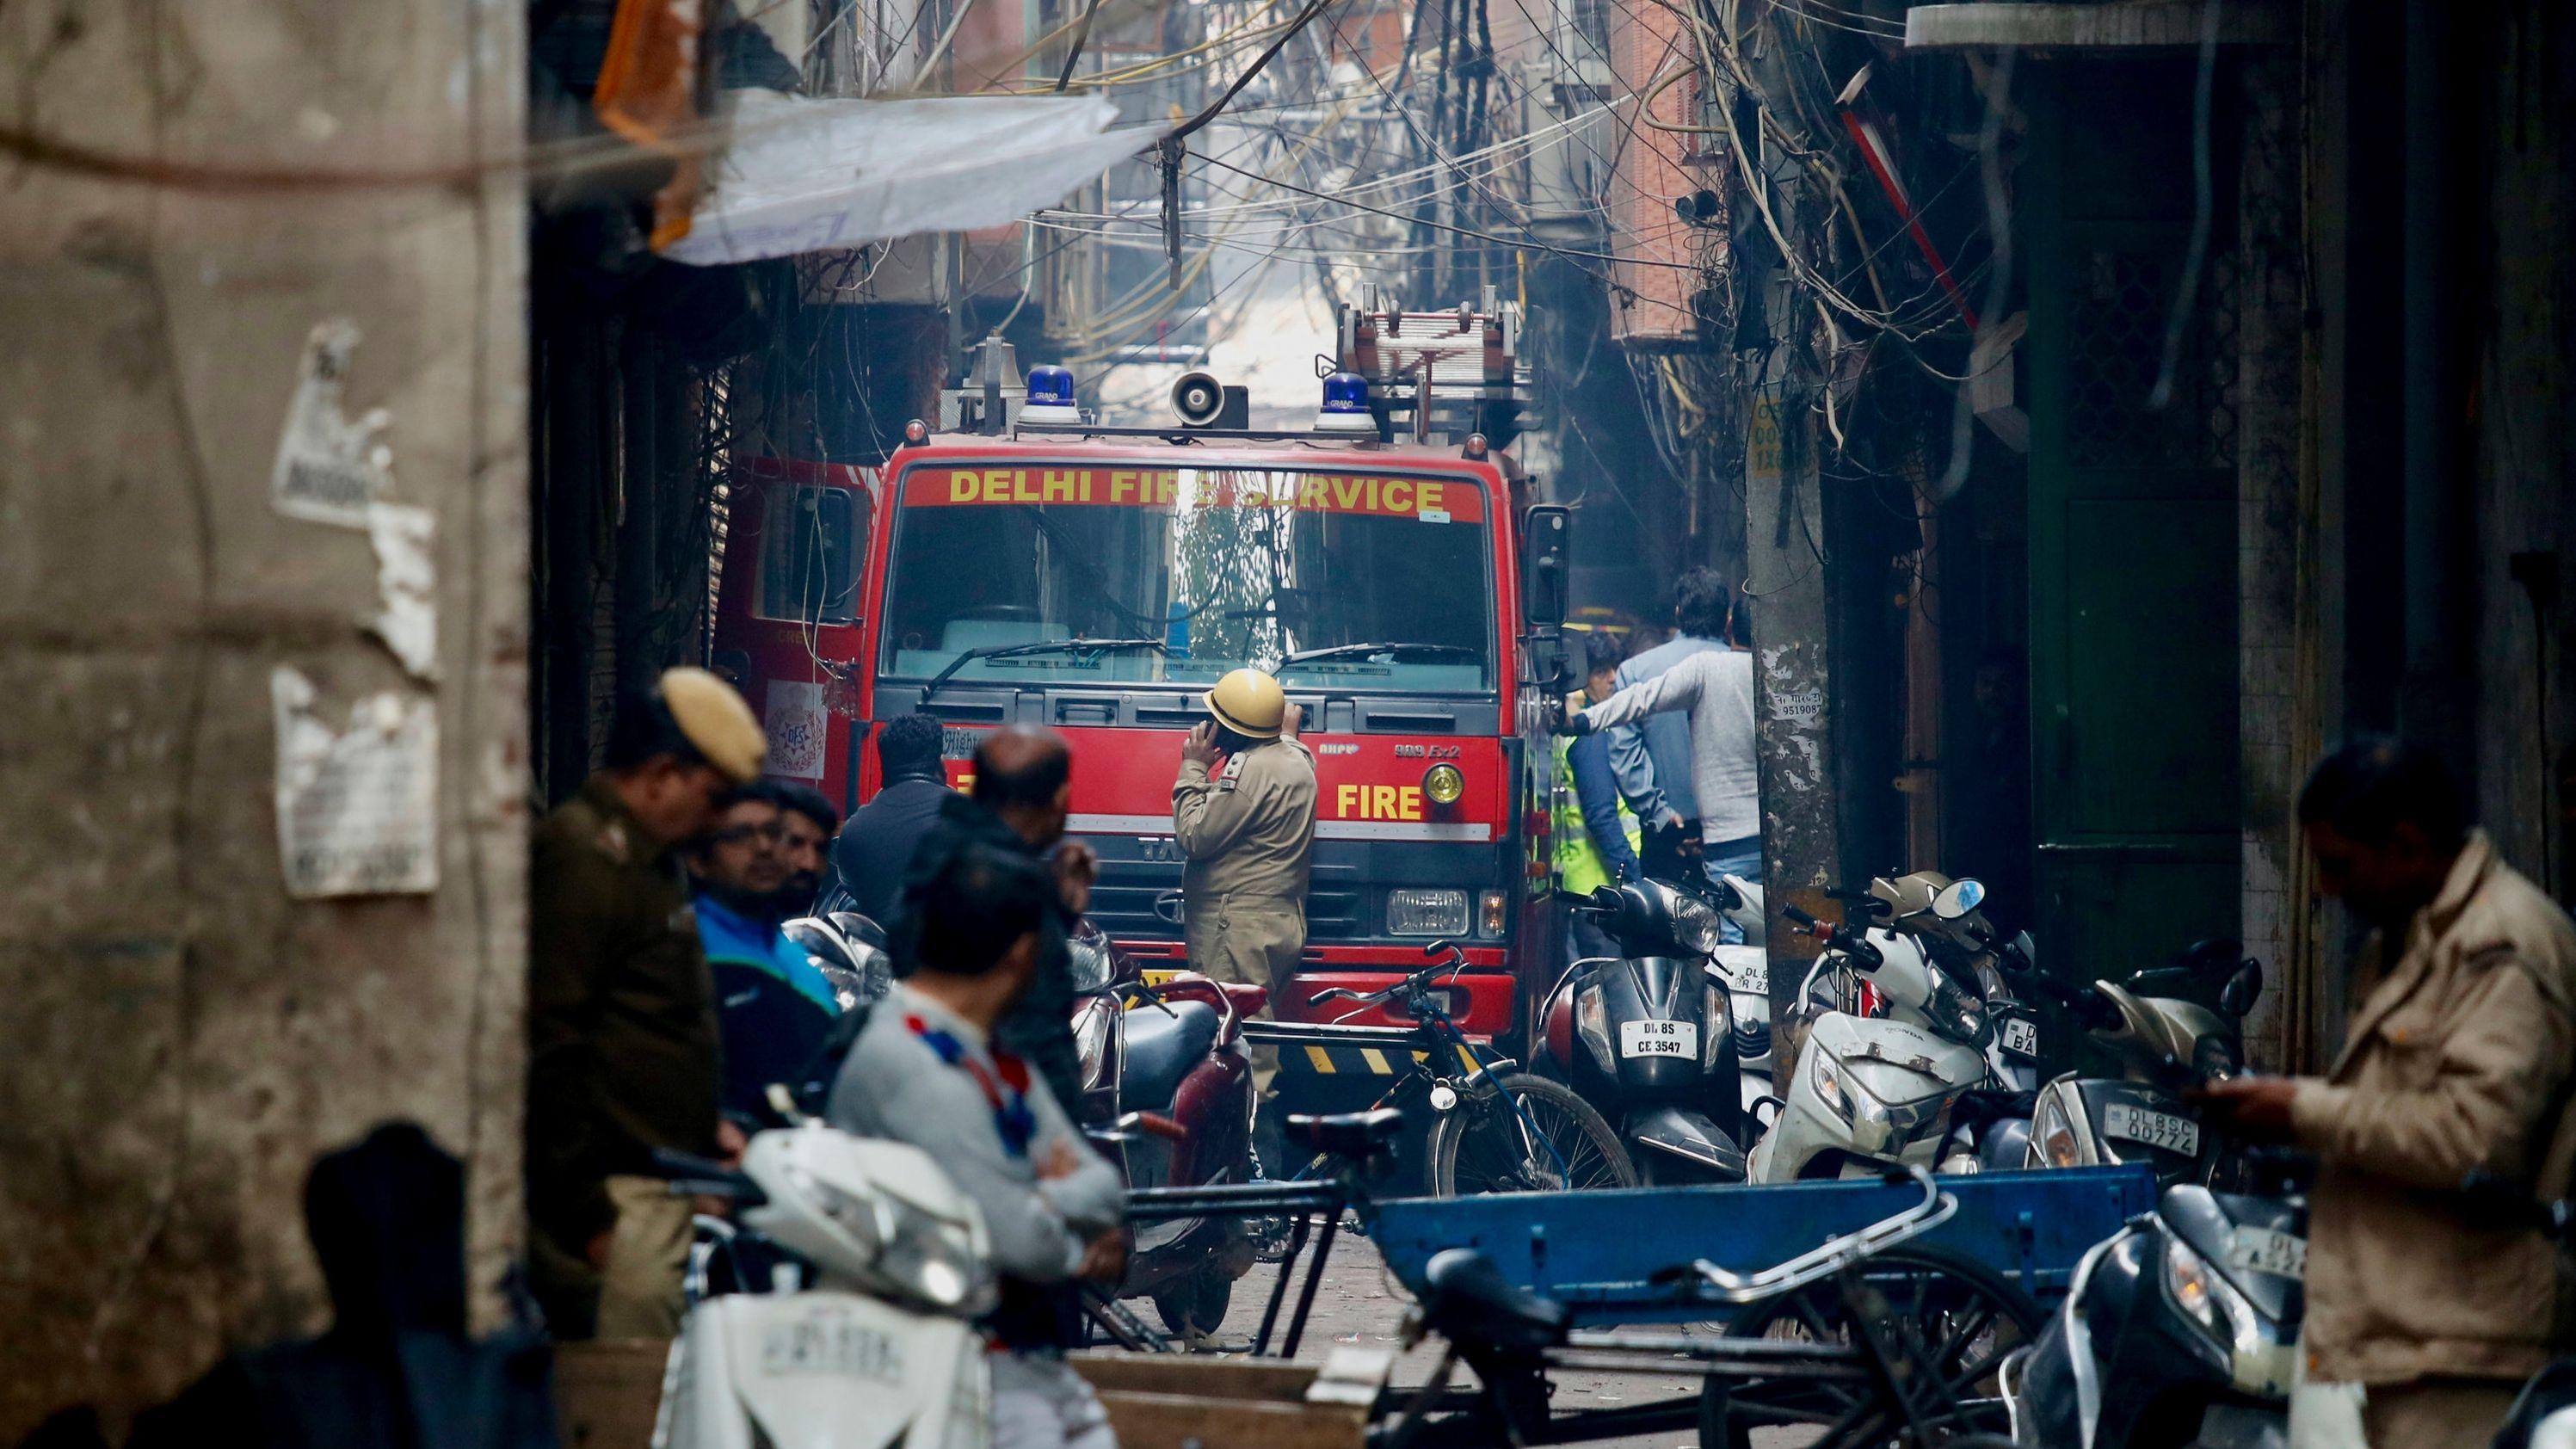 Ein Feuerwehrauto steht in einer engen Gasse in Neu-Delhi.